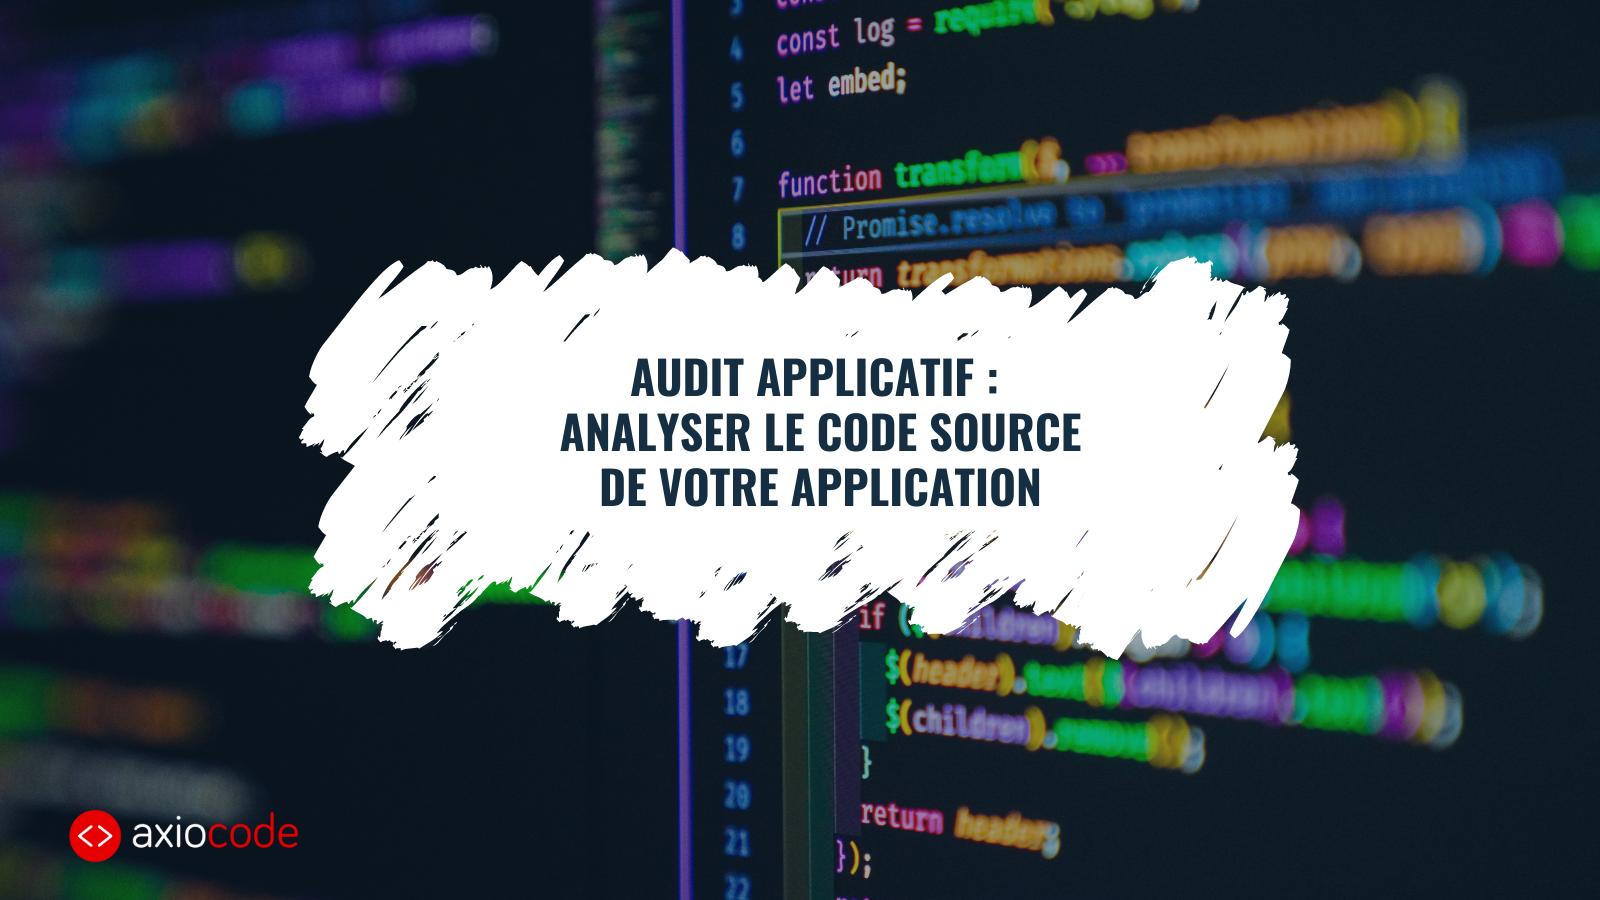 Audit applicatif : Comment analyser le code source de votre application métier ?